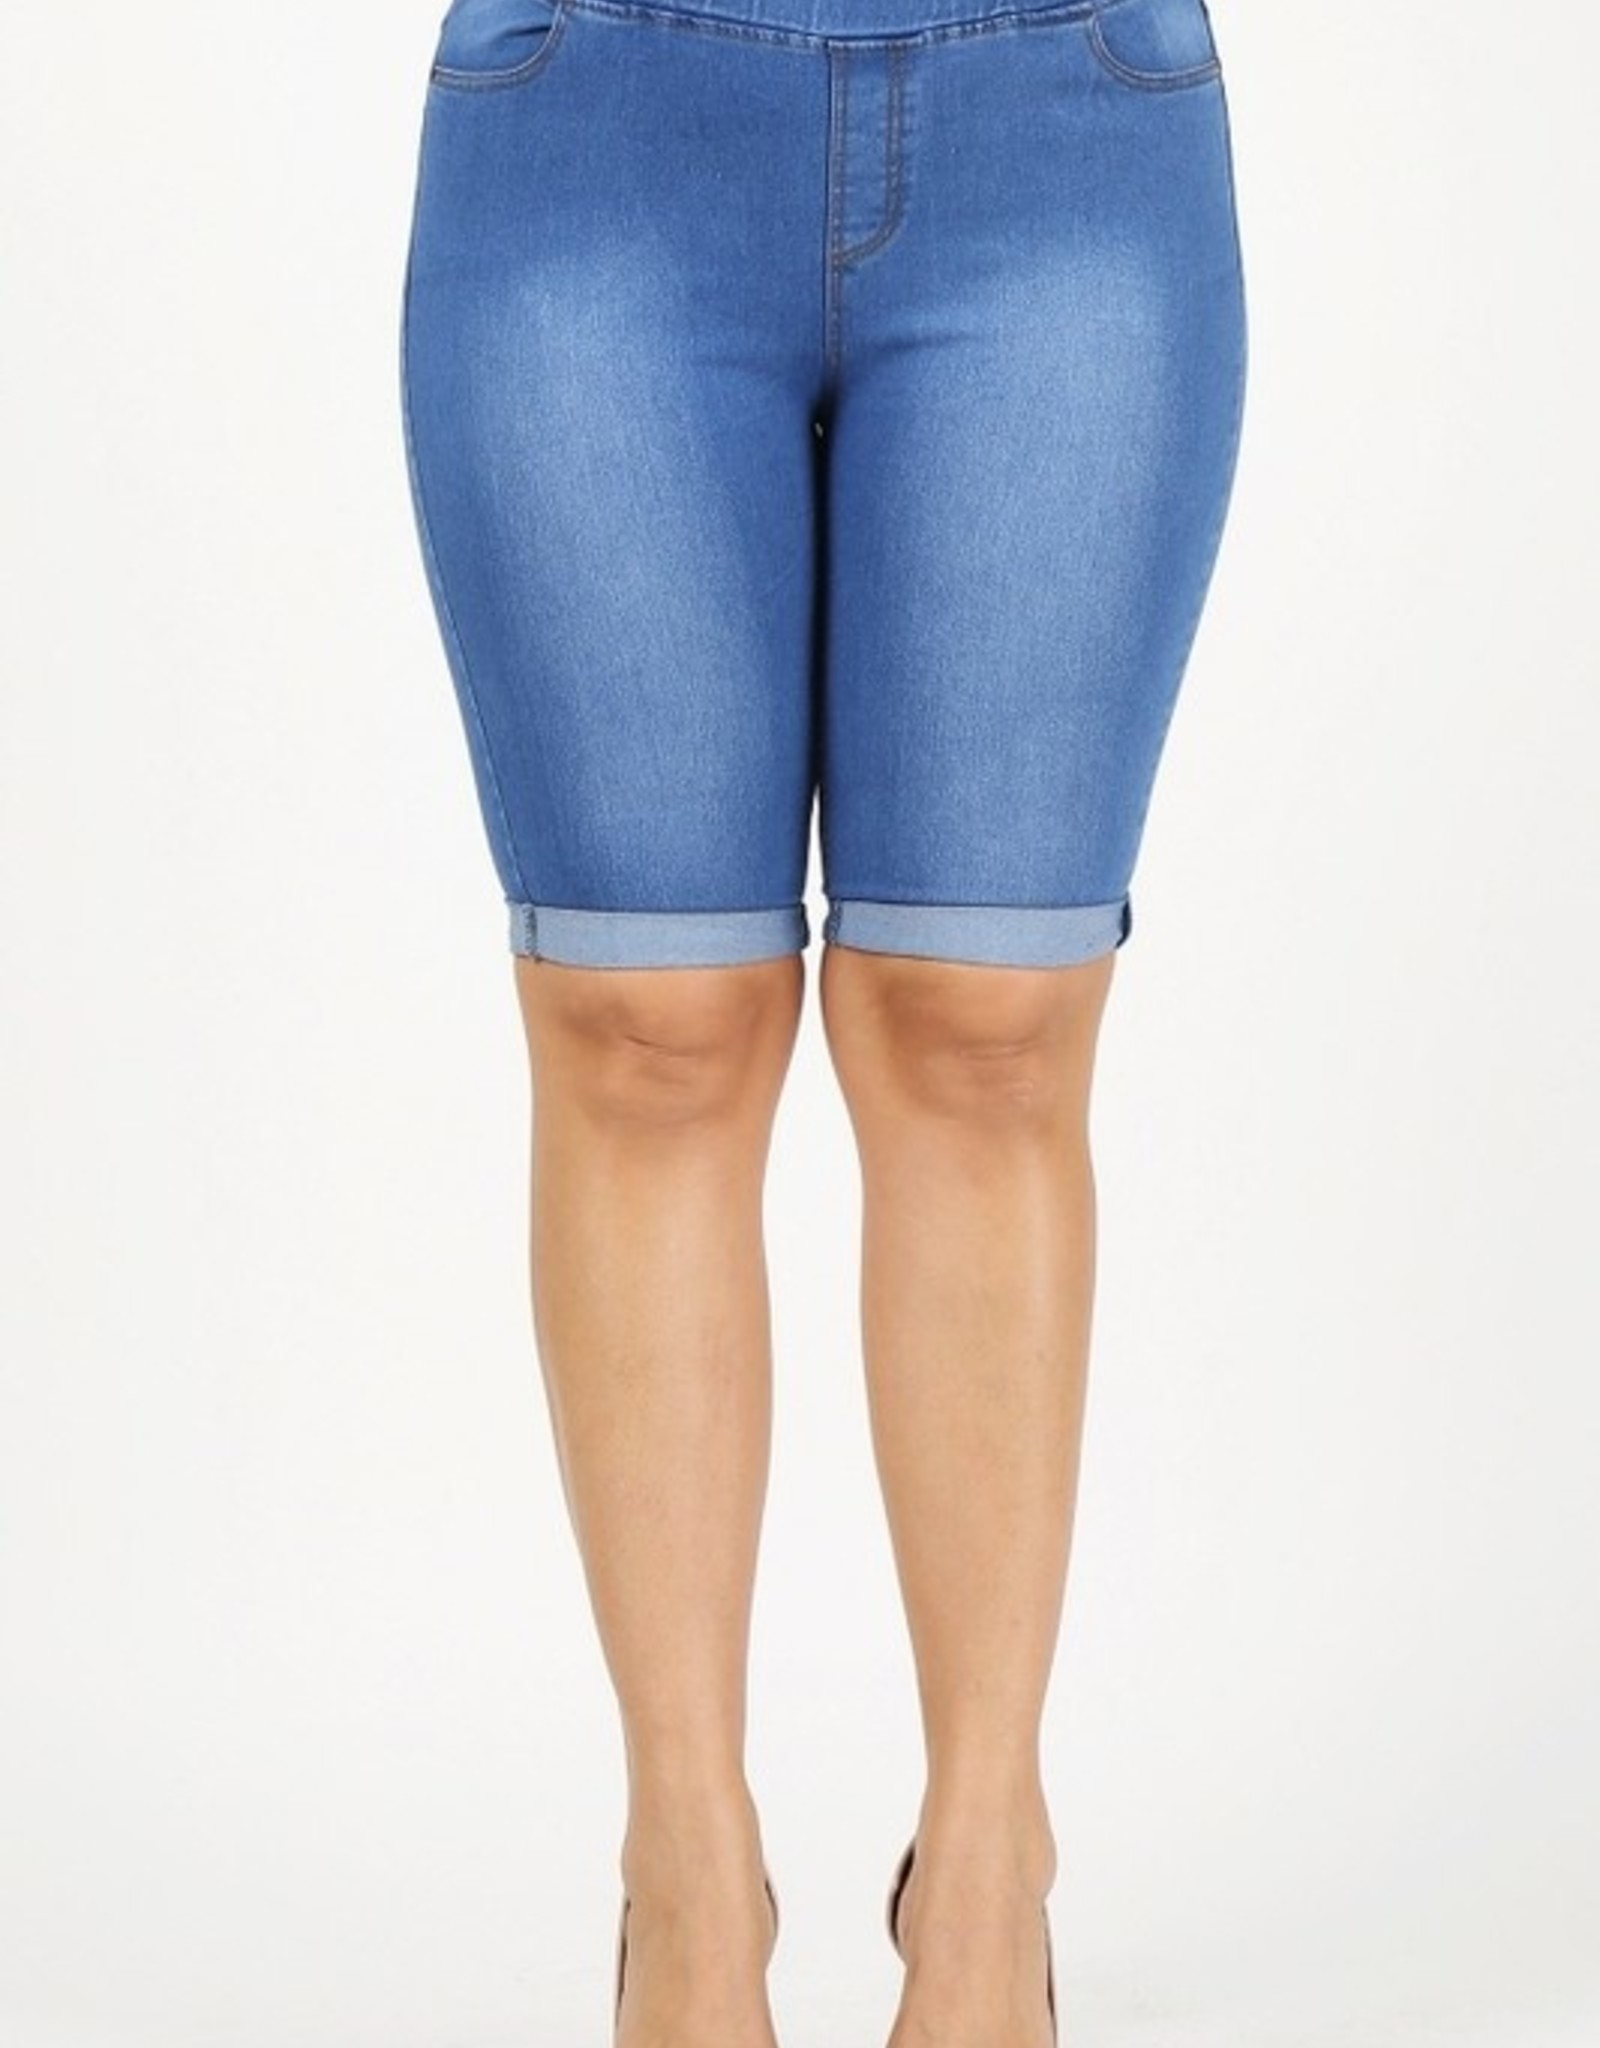 Bye Felicia Denim Shorts